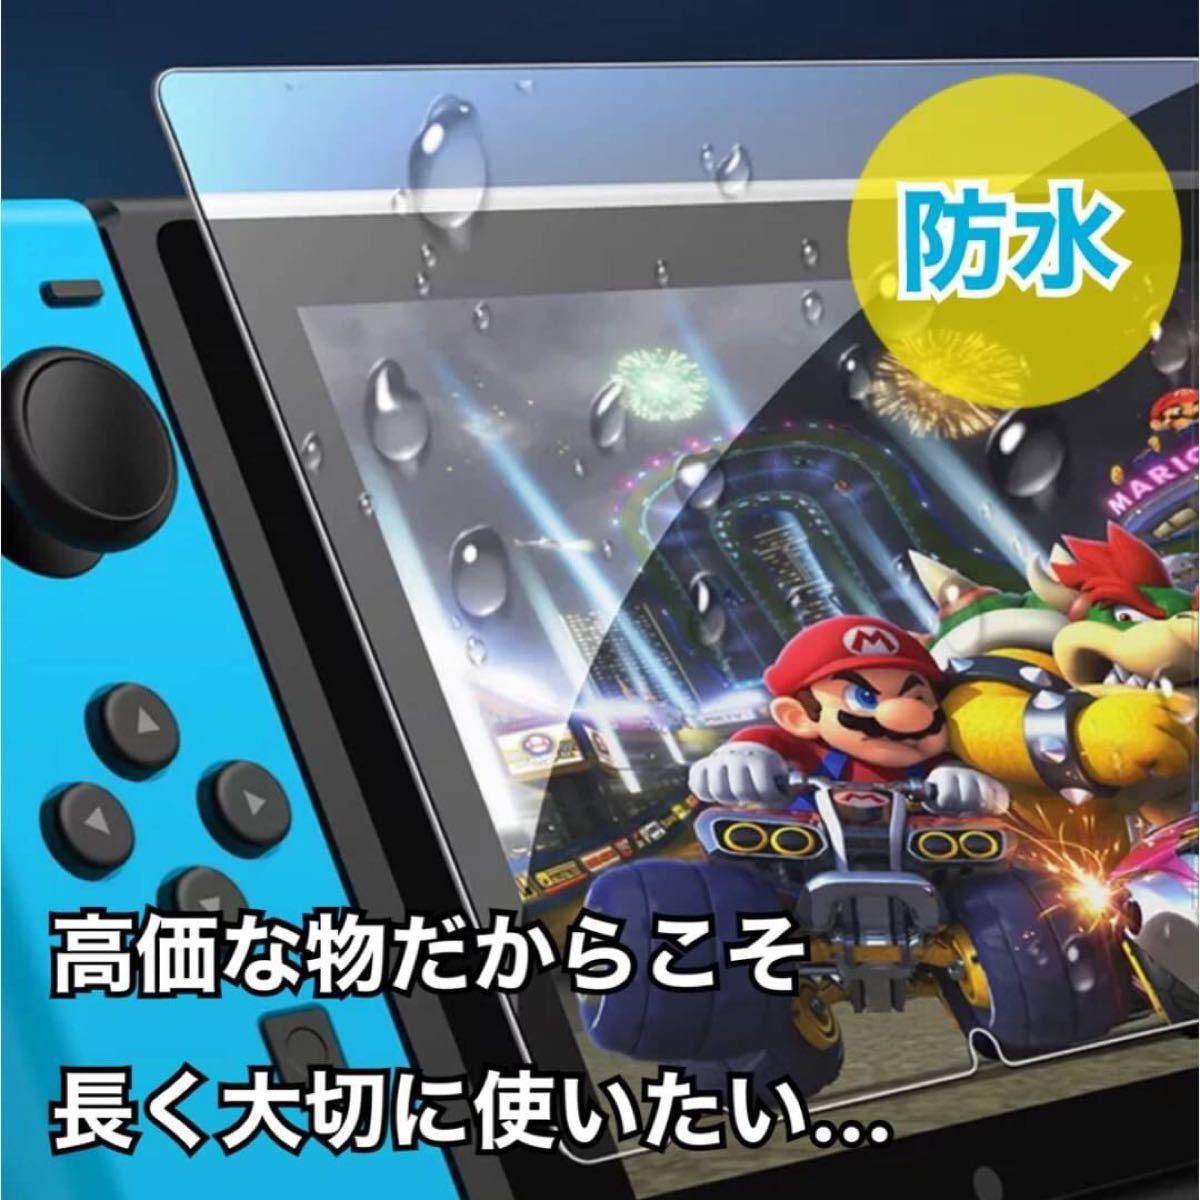 任天堂スイッチ Switch  Nintendo Switch 保護フィルム ガラスフィルム 保護シート ブルーライトカット